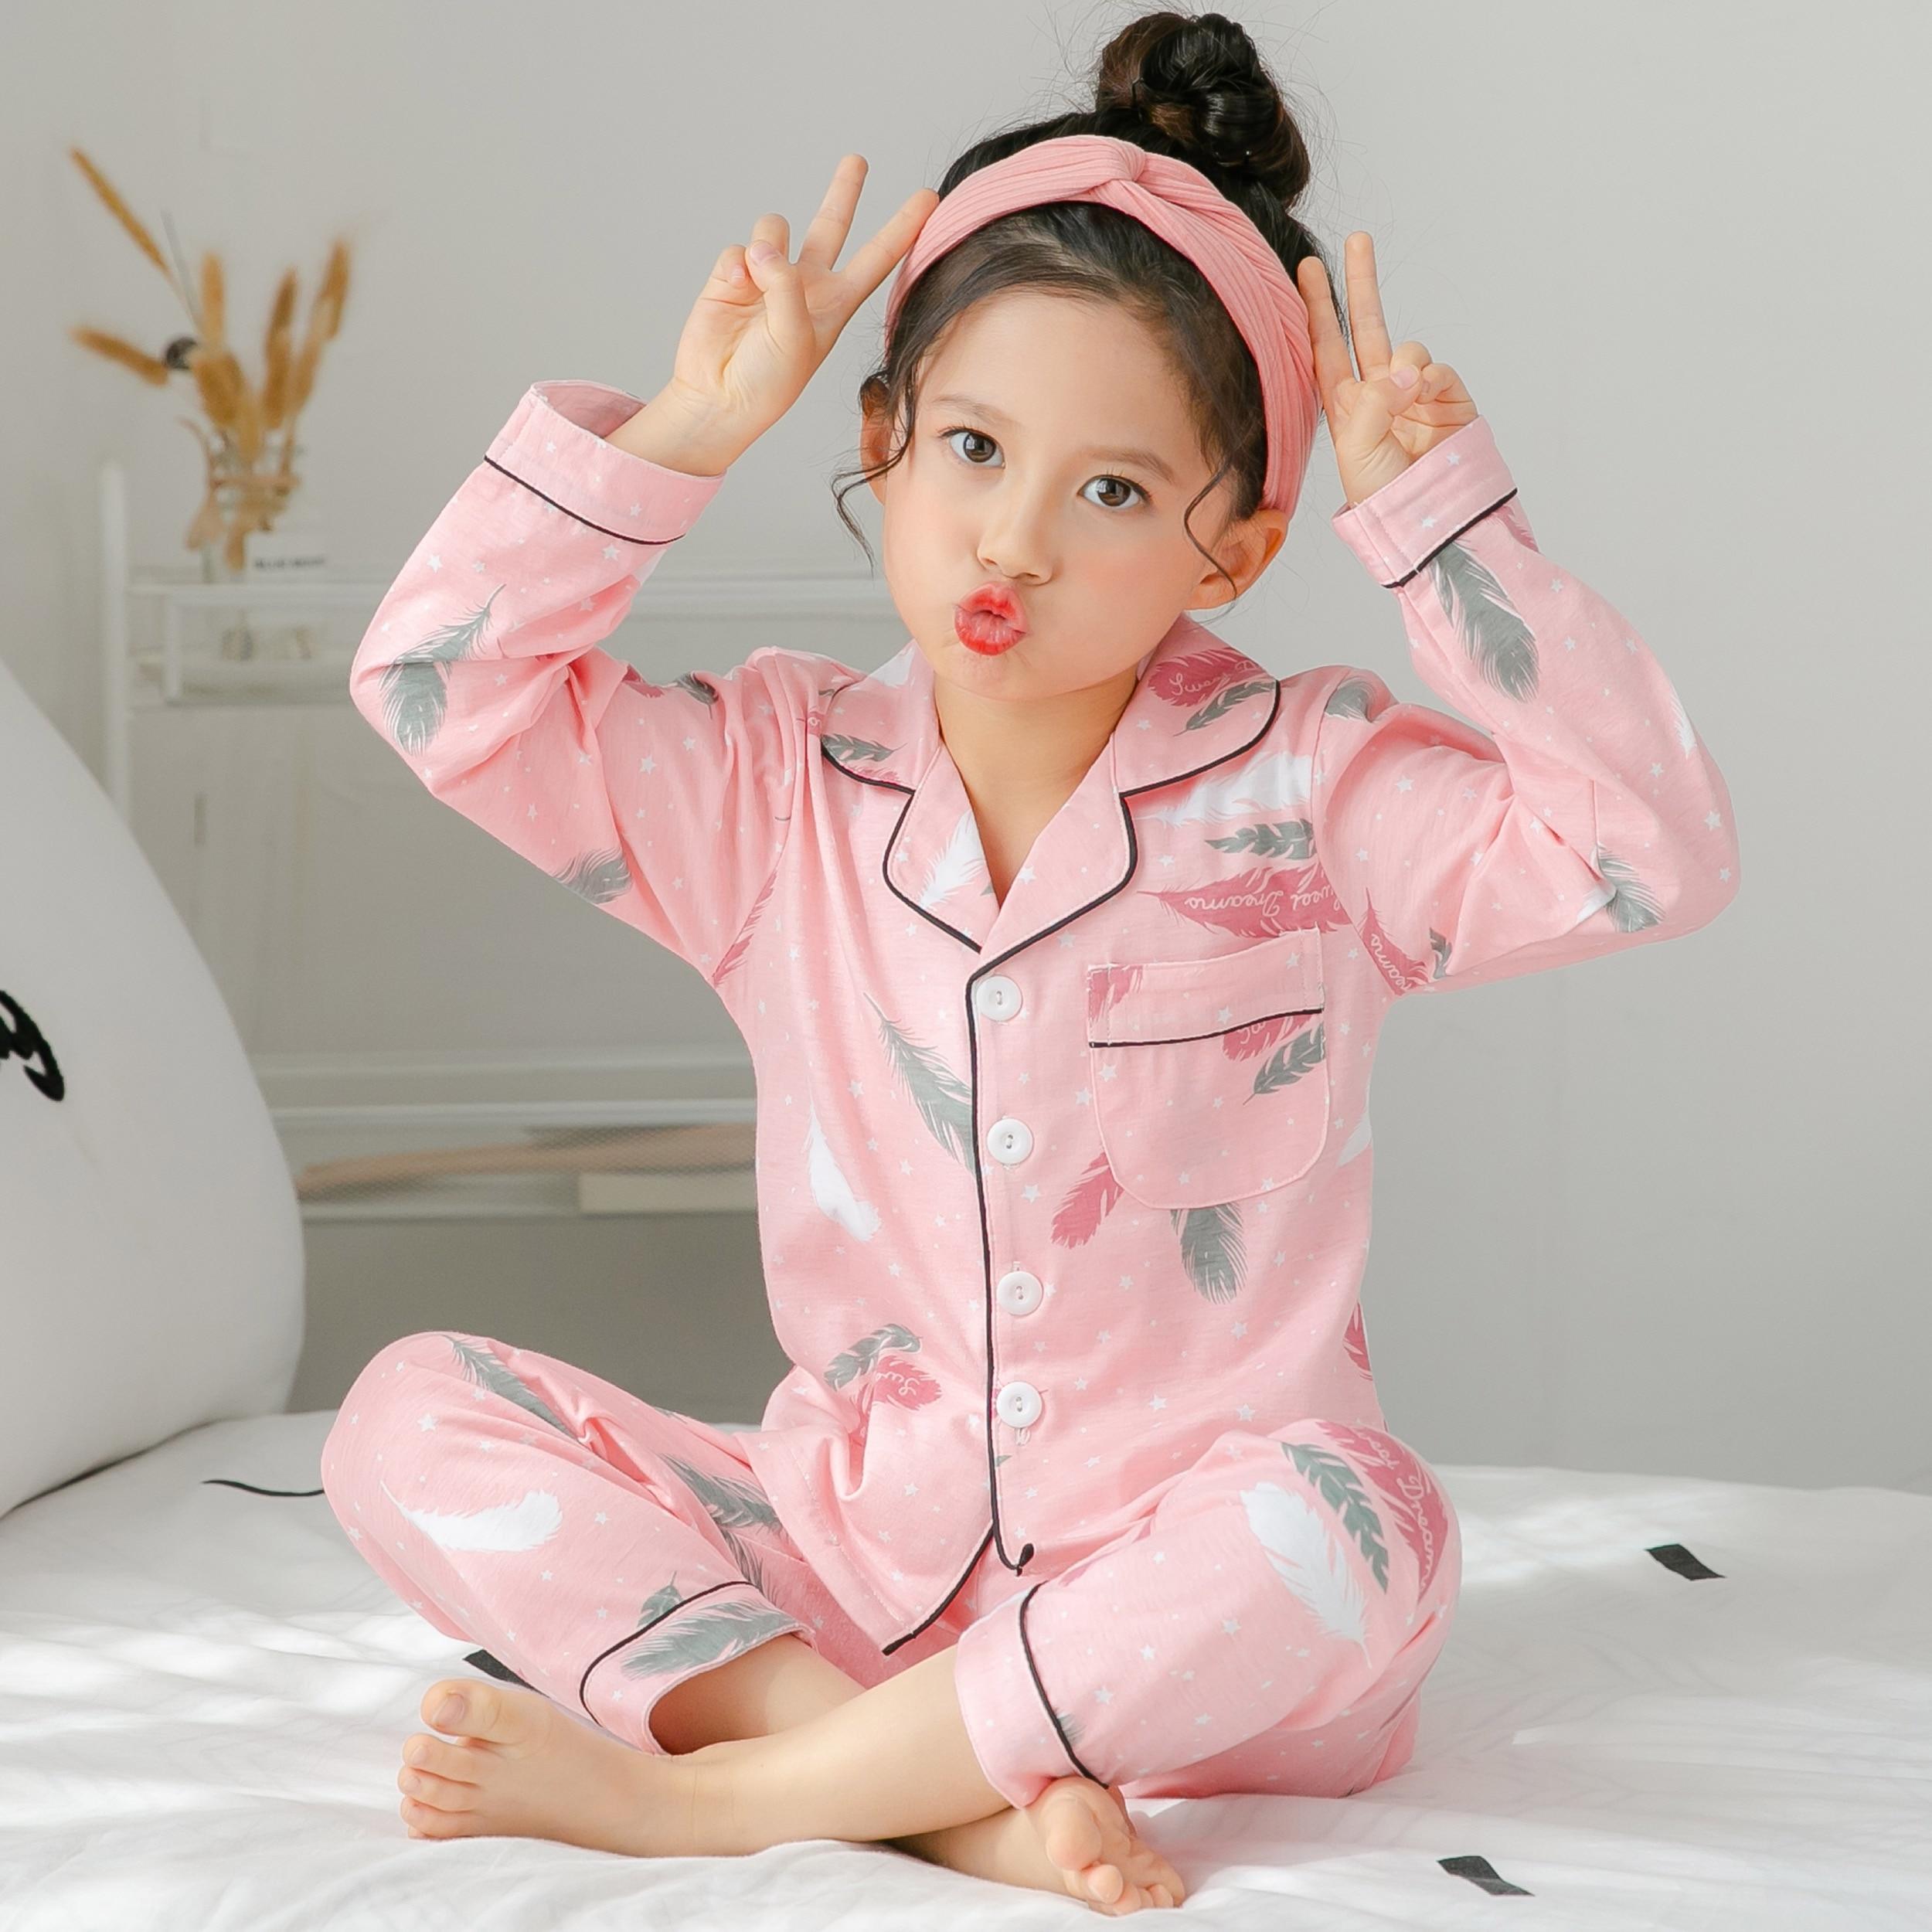 2019 детские пижамы на осень и весну, хлопковый Детский костюм для сна с длинными рукавами, милая домашняя одежда для девочек, рождественские пижамы для малышей